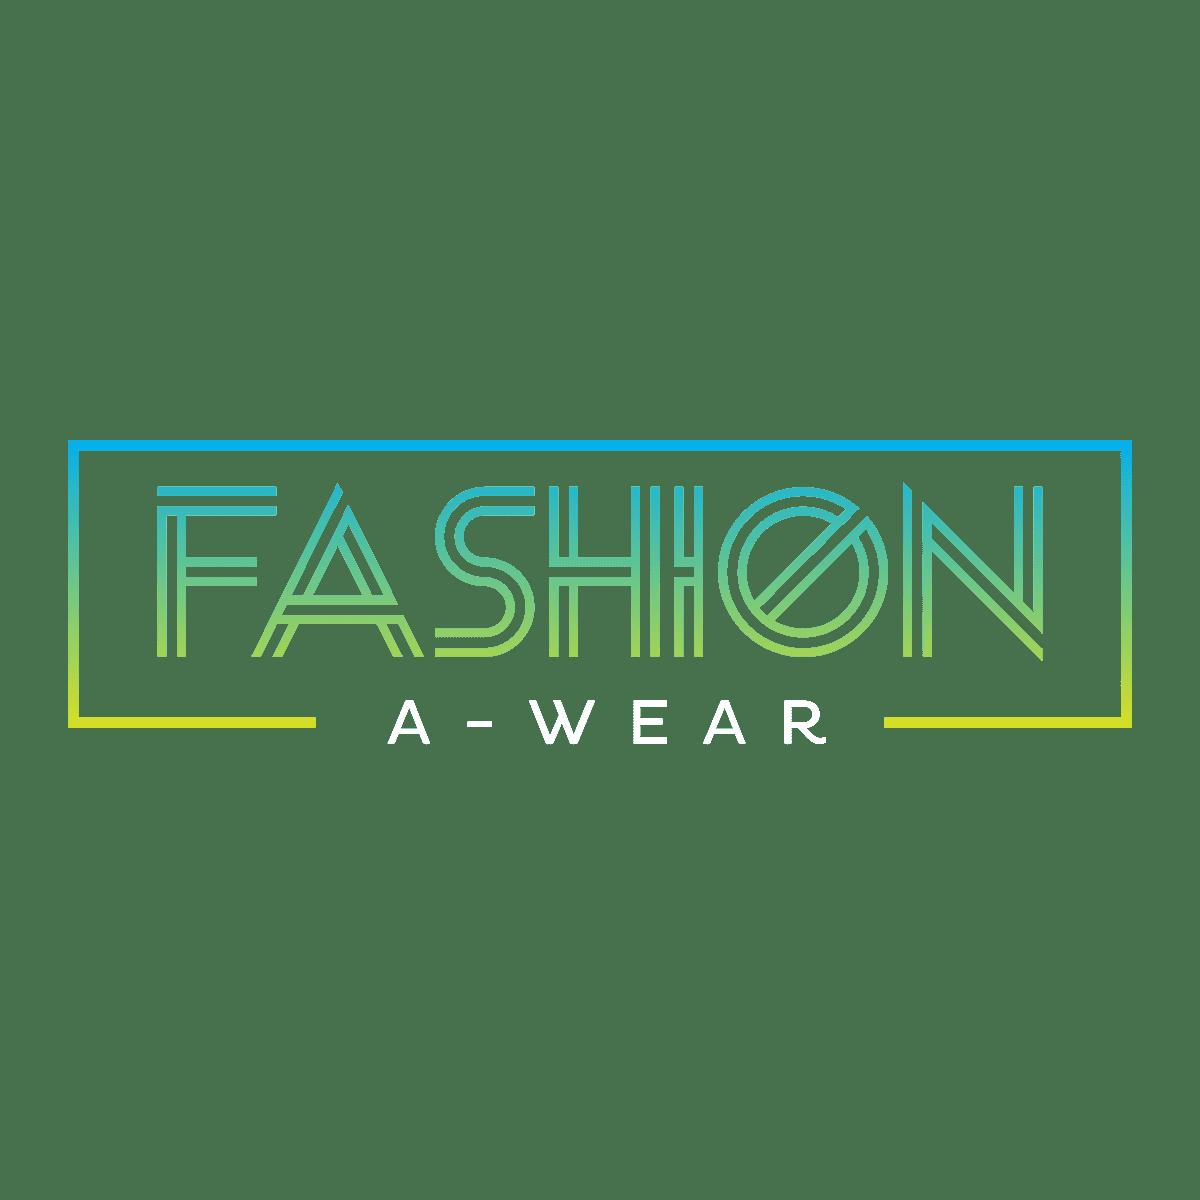 Fashion a wear